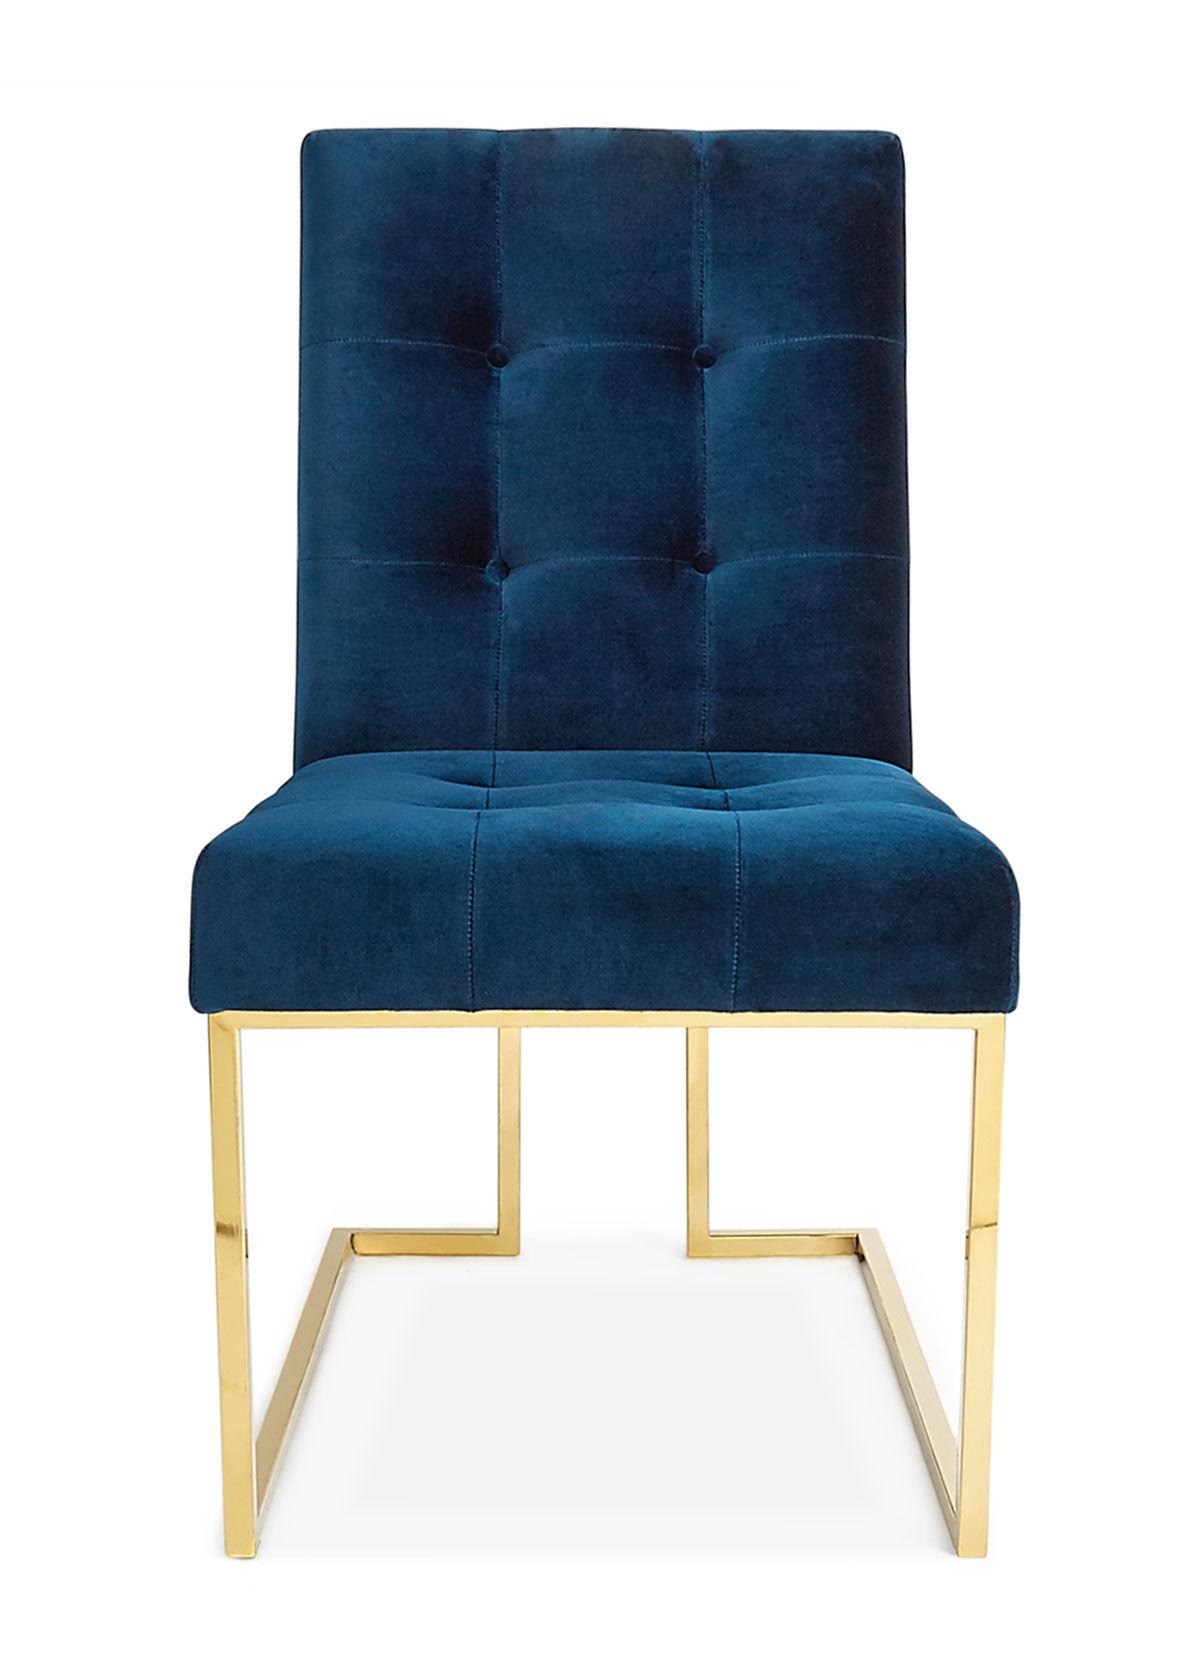 Jonathan Adler Goldfinger Navy Dining Chair  - unisex - NAVY